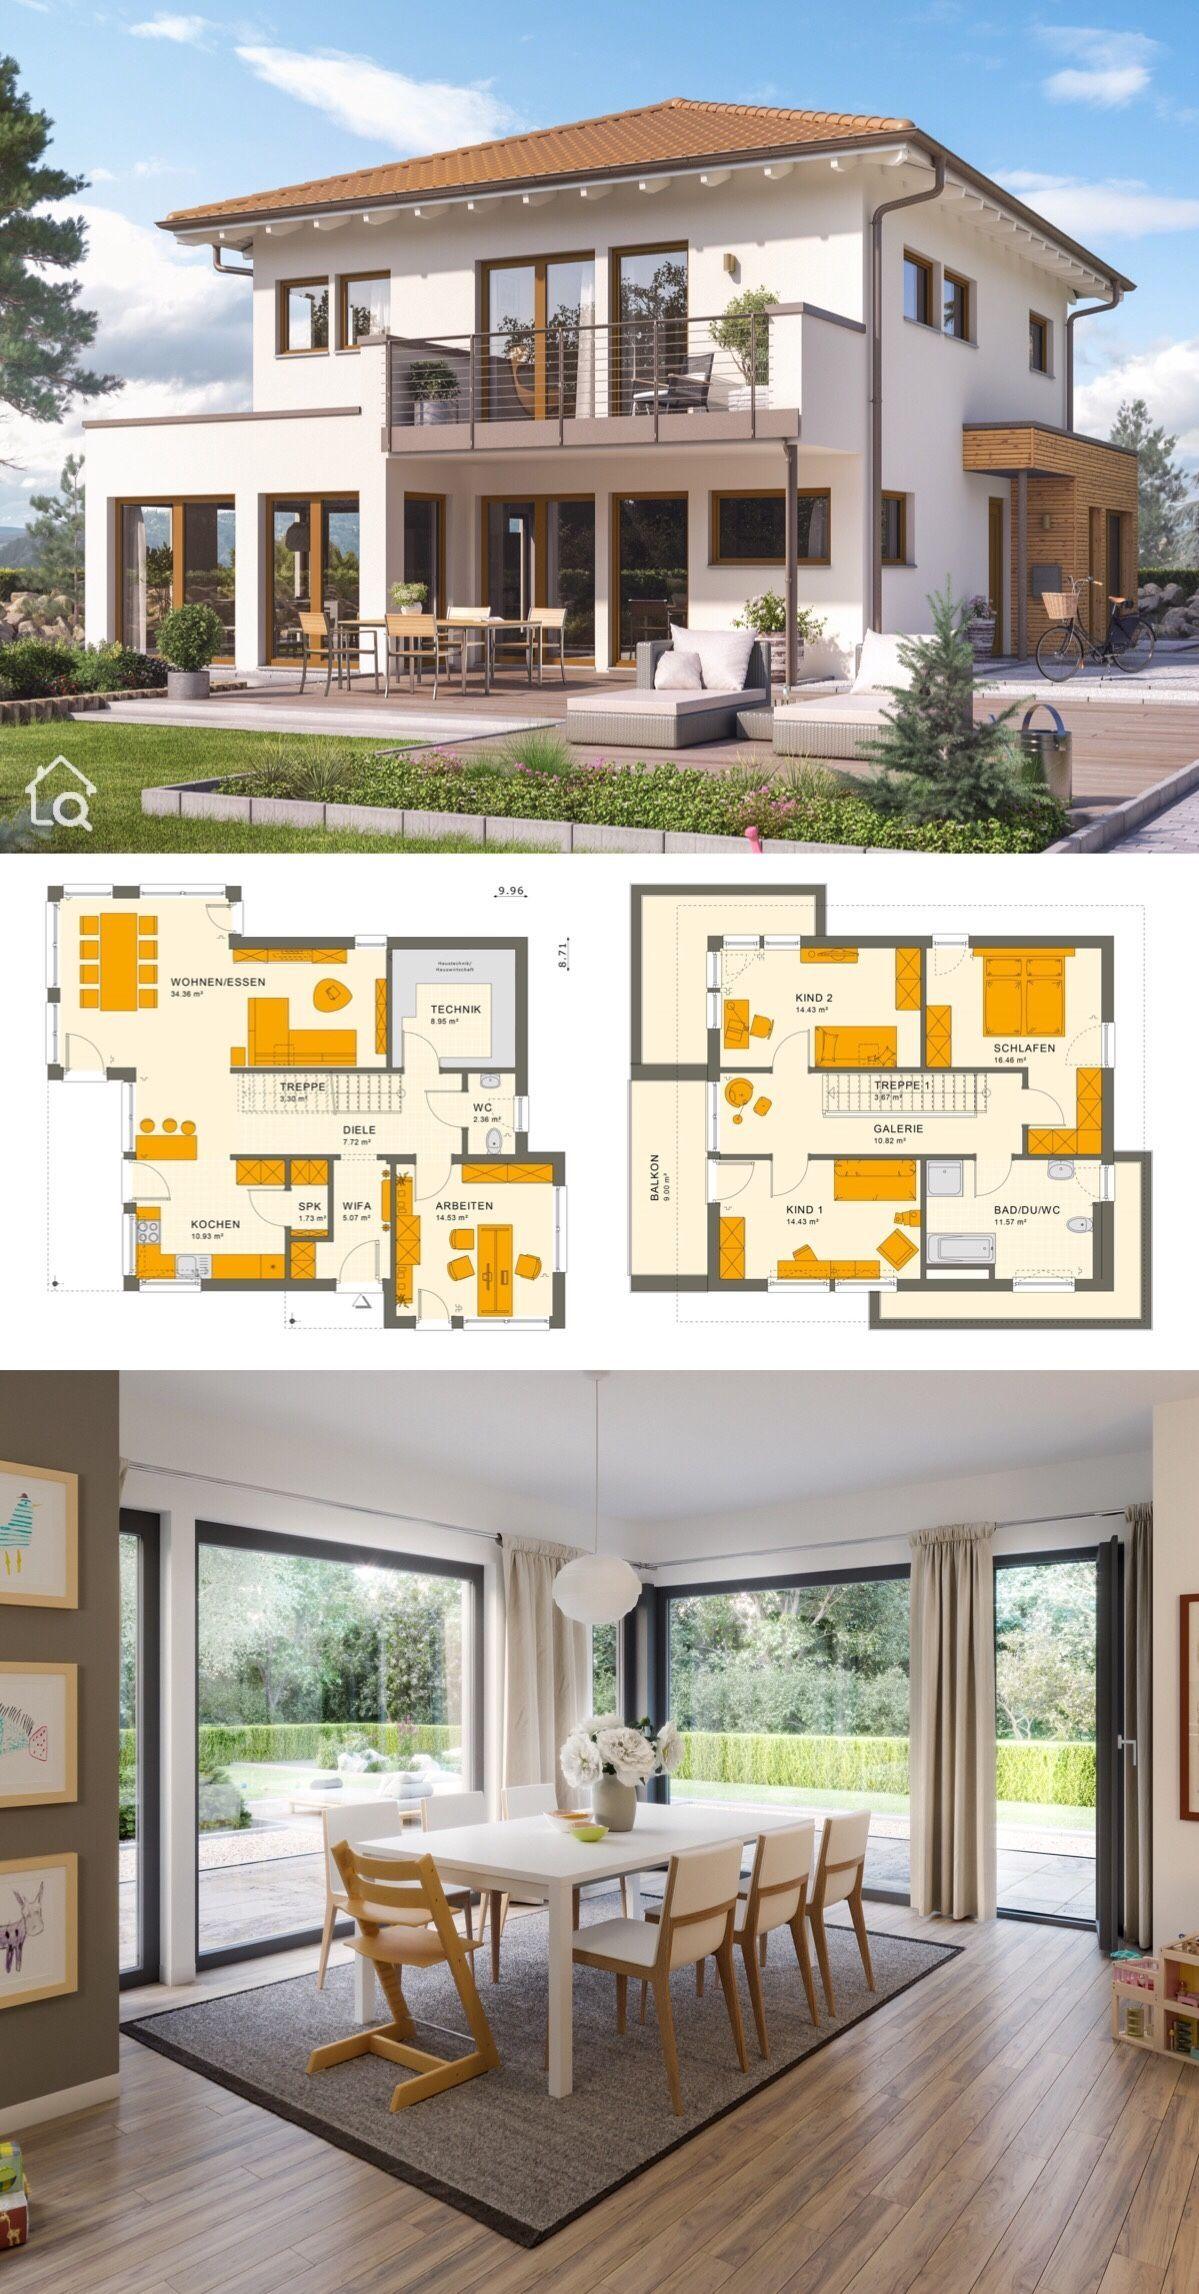 Moderne Neubau Stadtvilla Mit Walmdach Erker Balkon 5 Zimmer